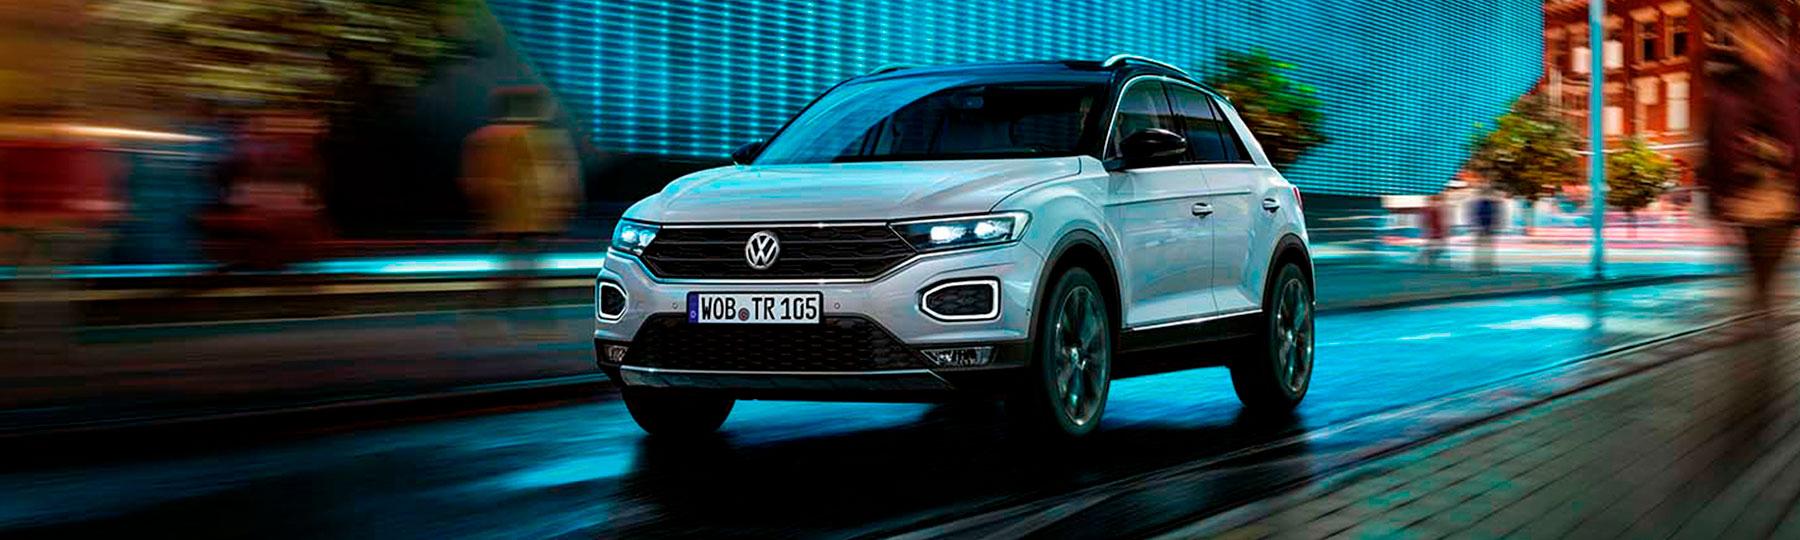 Eboracar, Concesionario Oficial Volkswagen en Talavera de la Reina (Toledo)